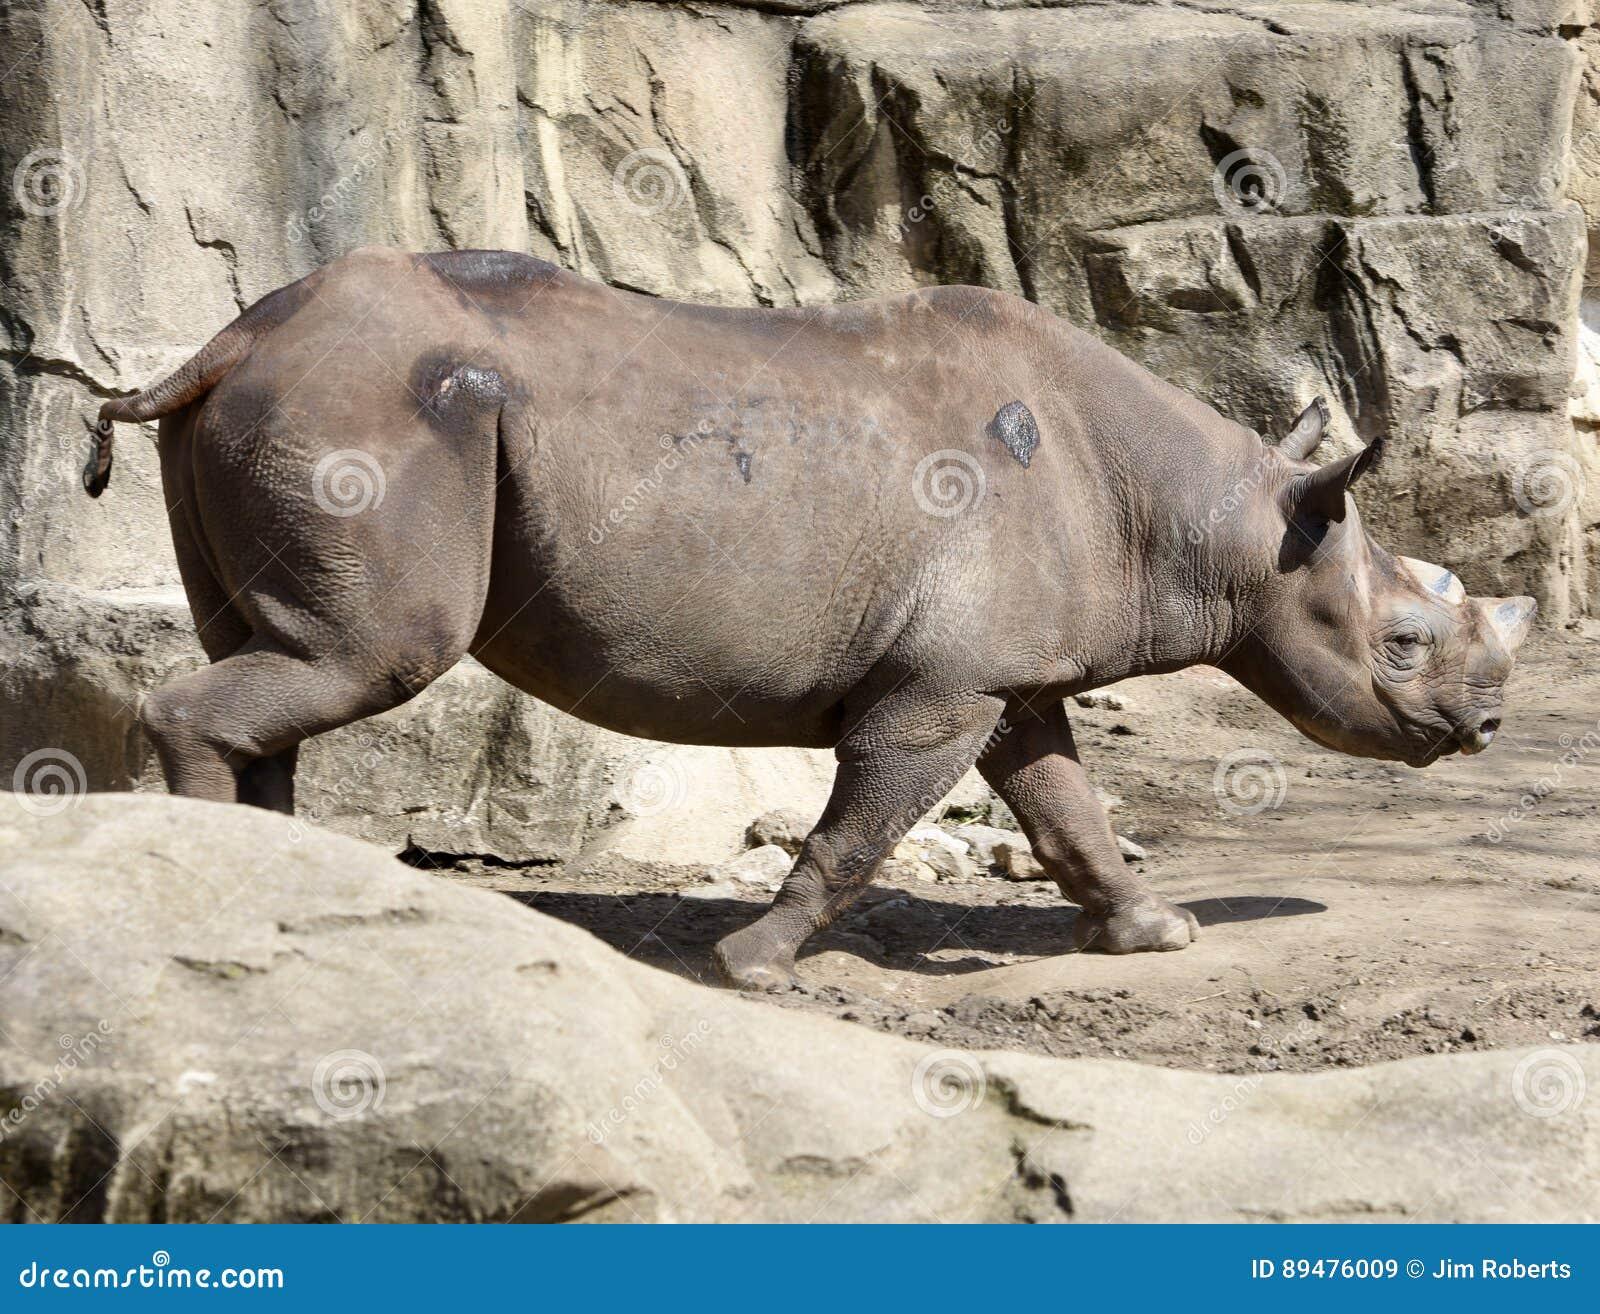 Rinoceronte en el vagabundeo